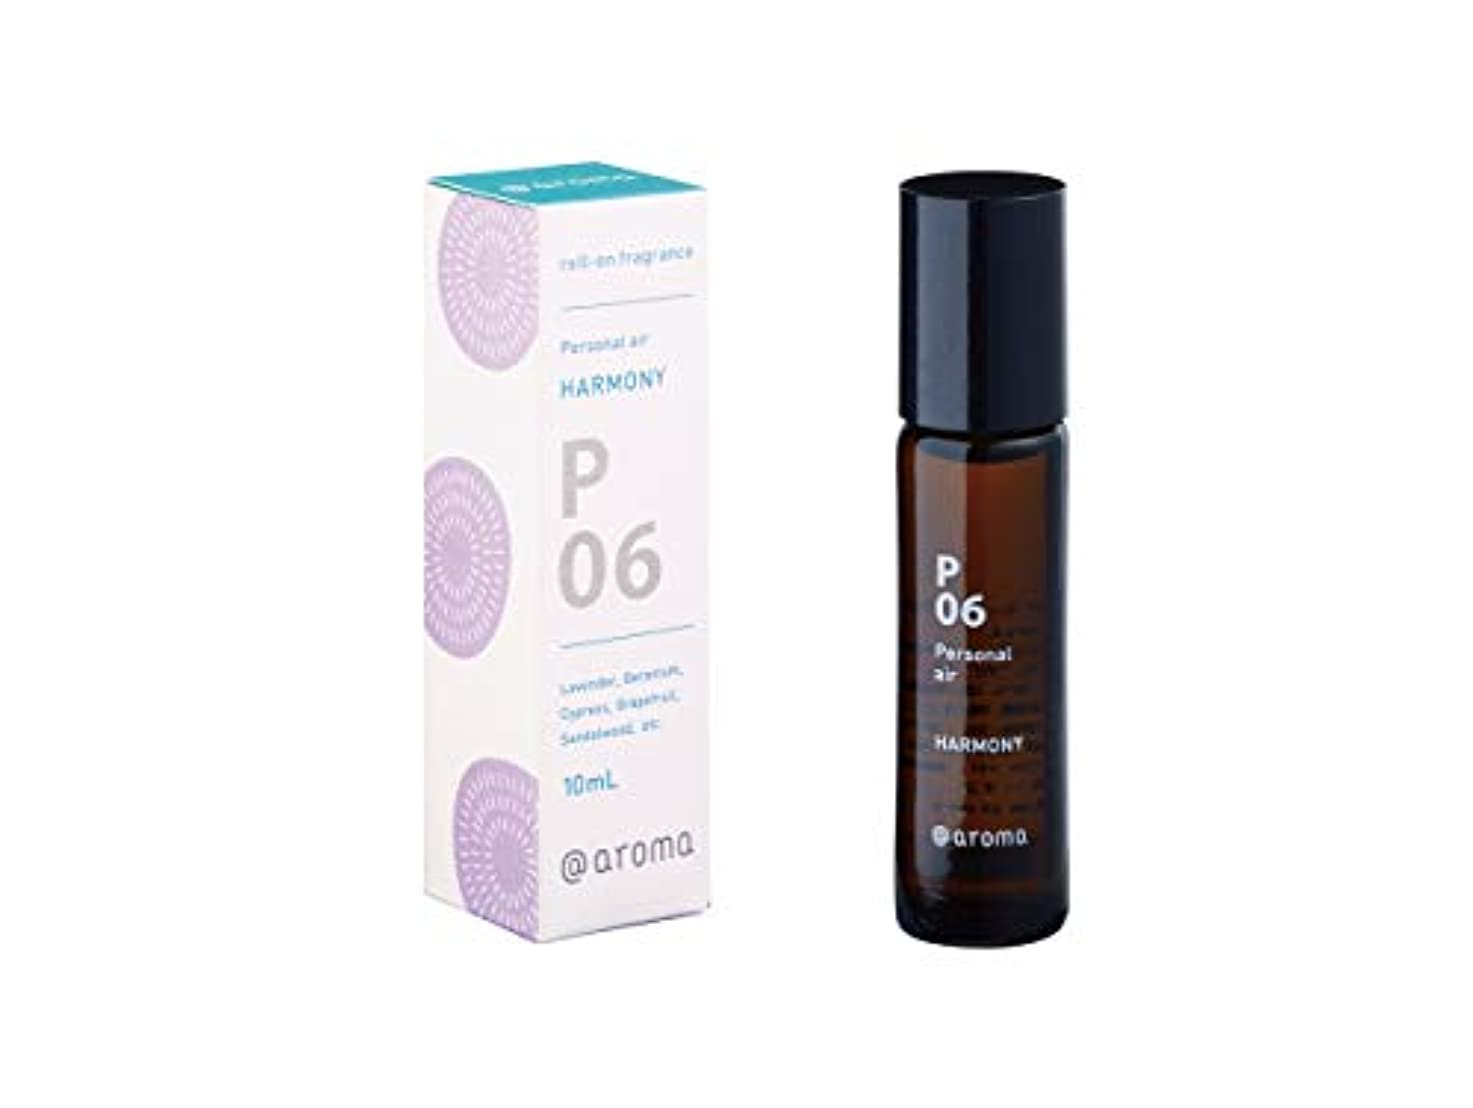 高速道路指紋概要P06 HARMONY roll-on fragrance Personal air 10ml